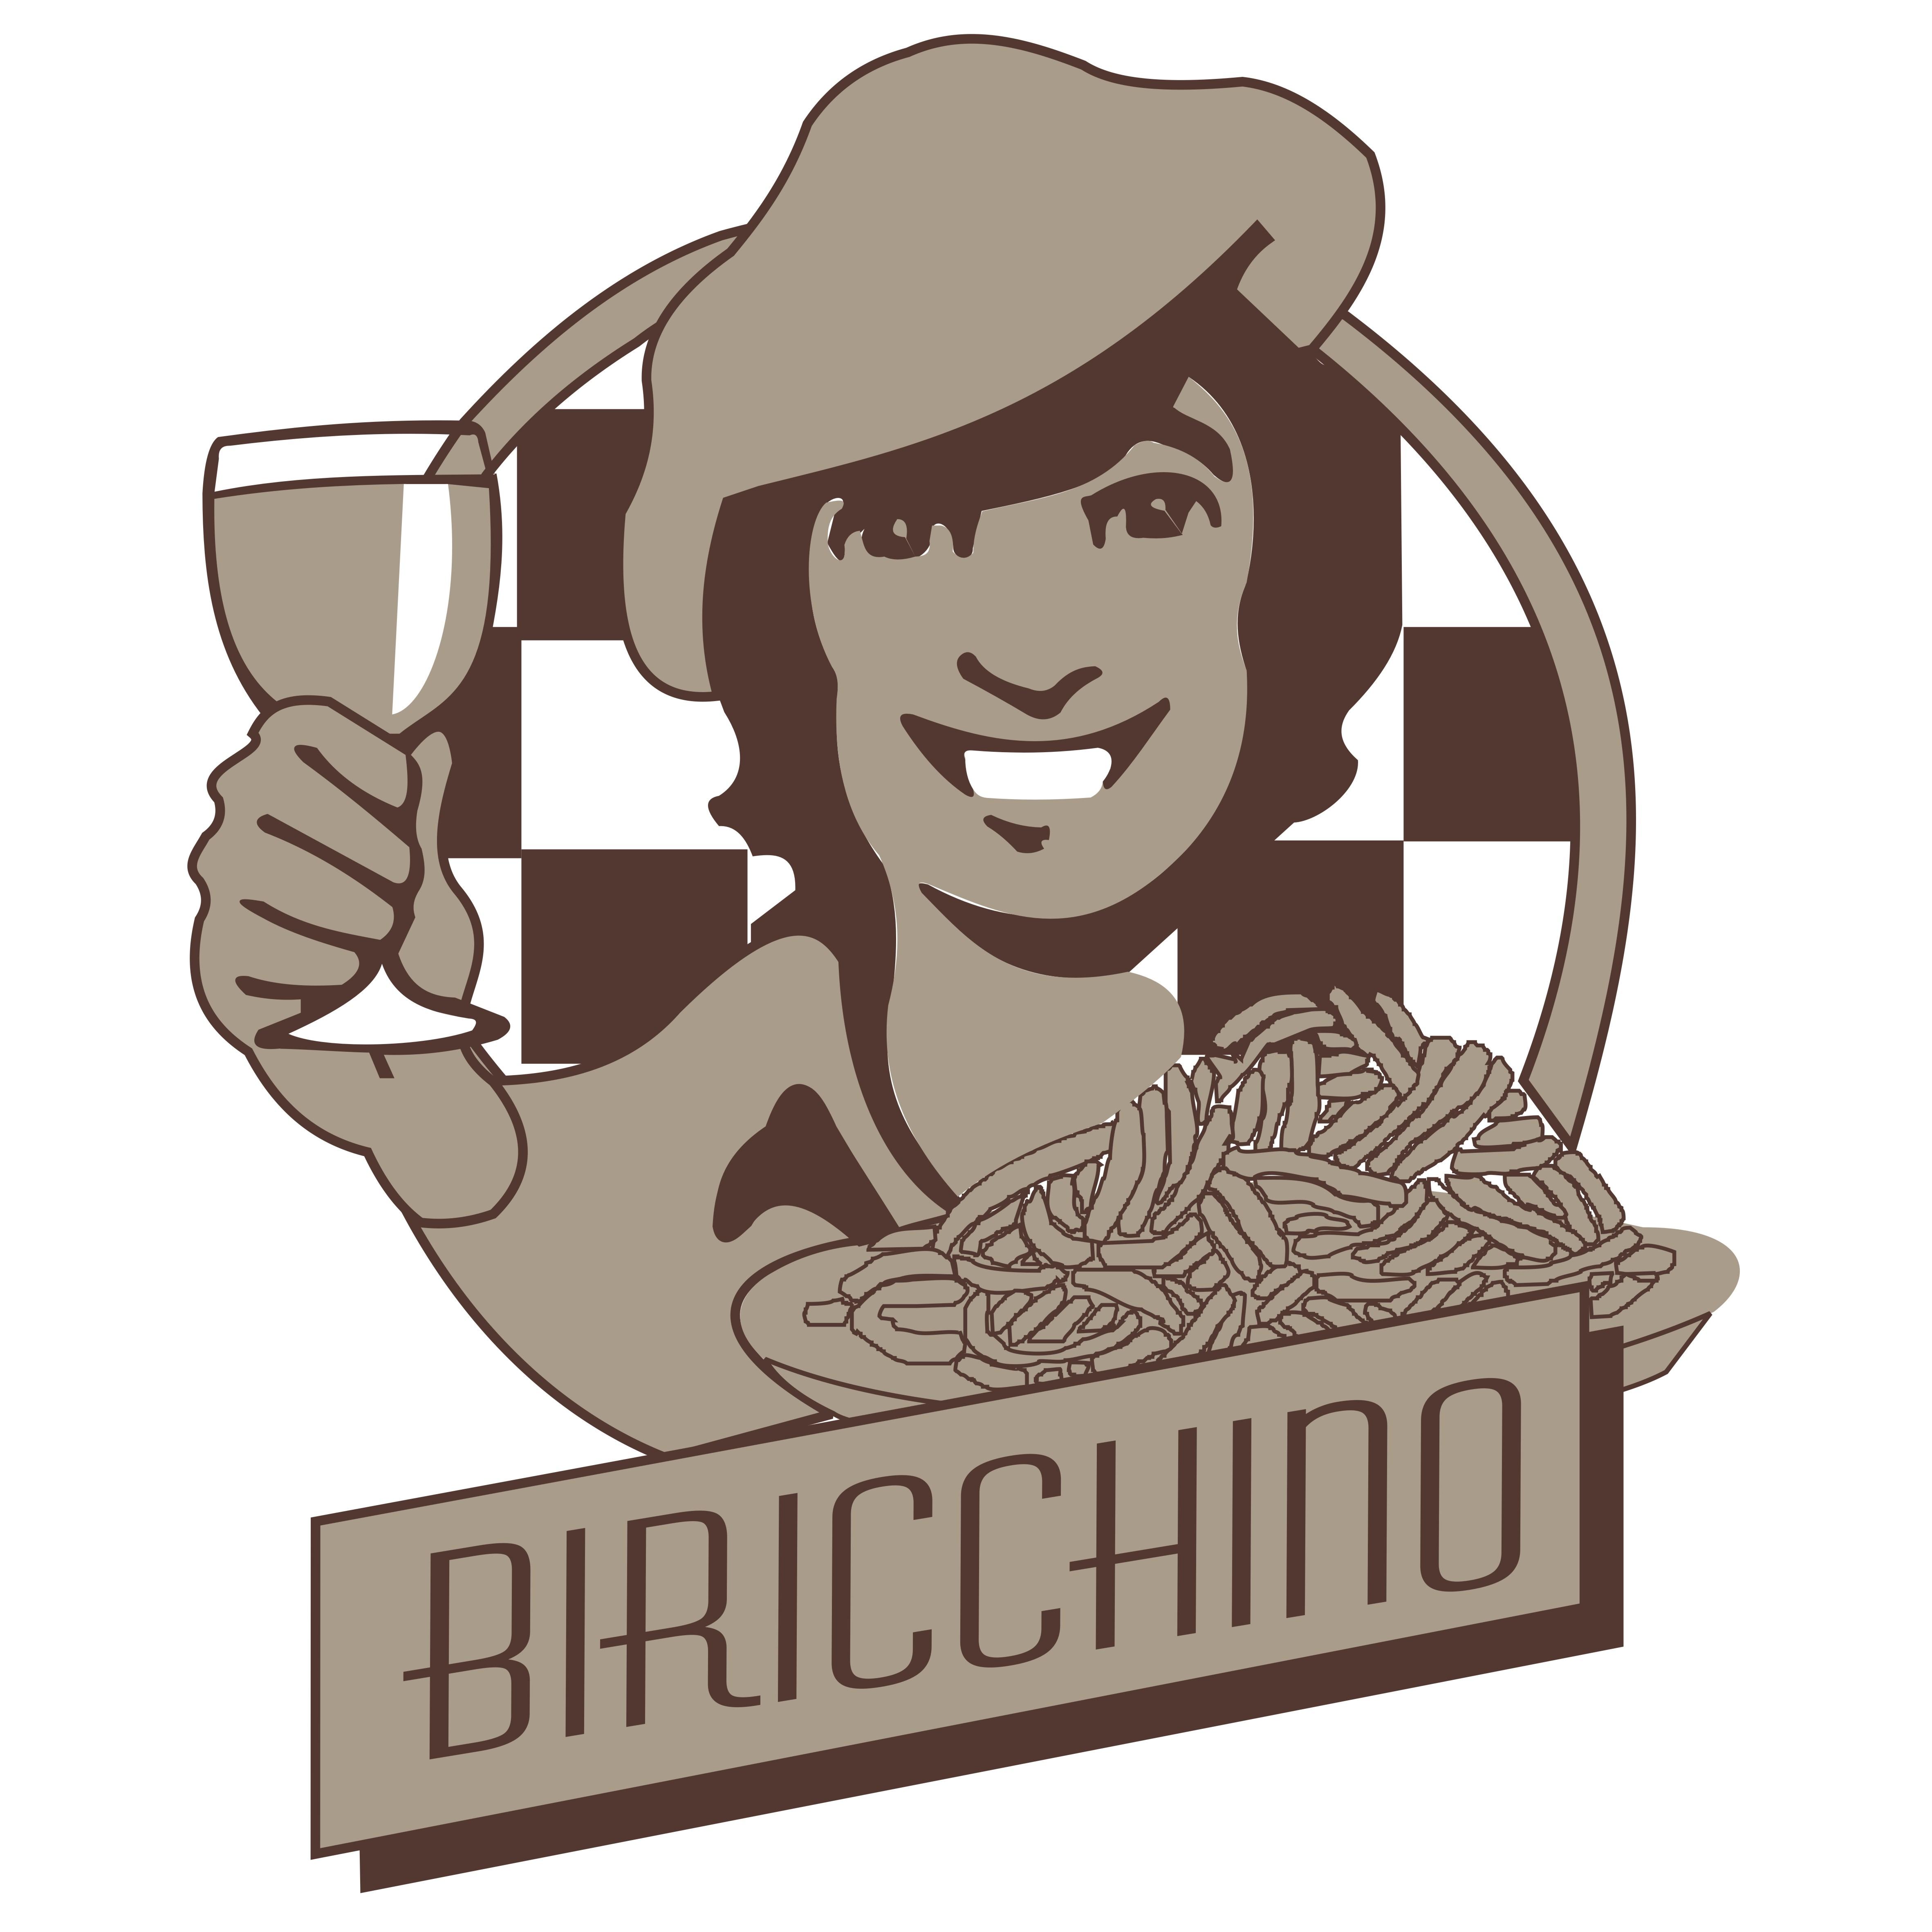 biricchino - New York, NY - Restaurants